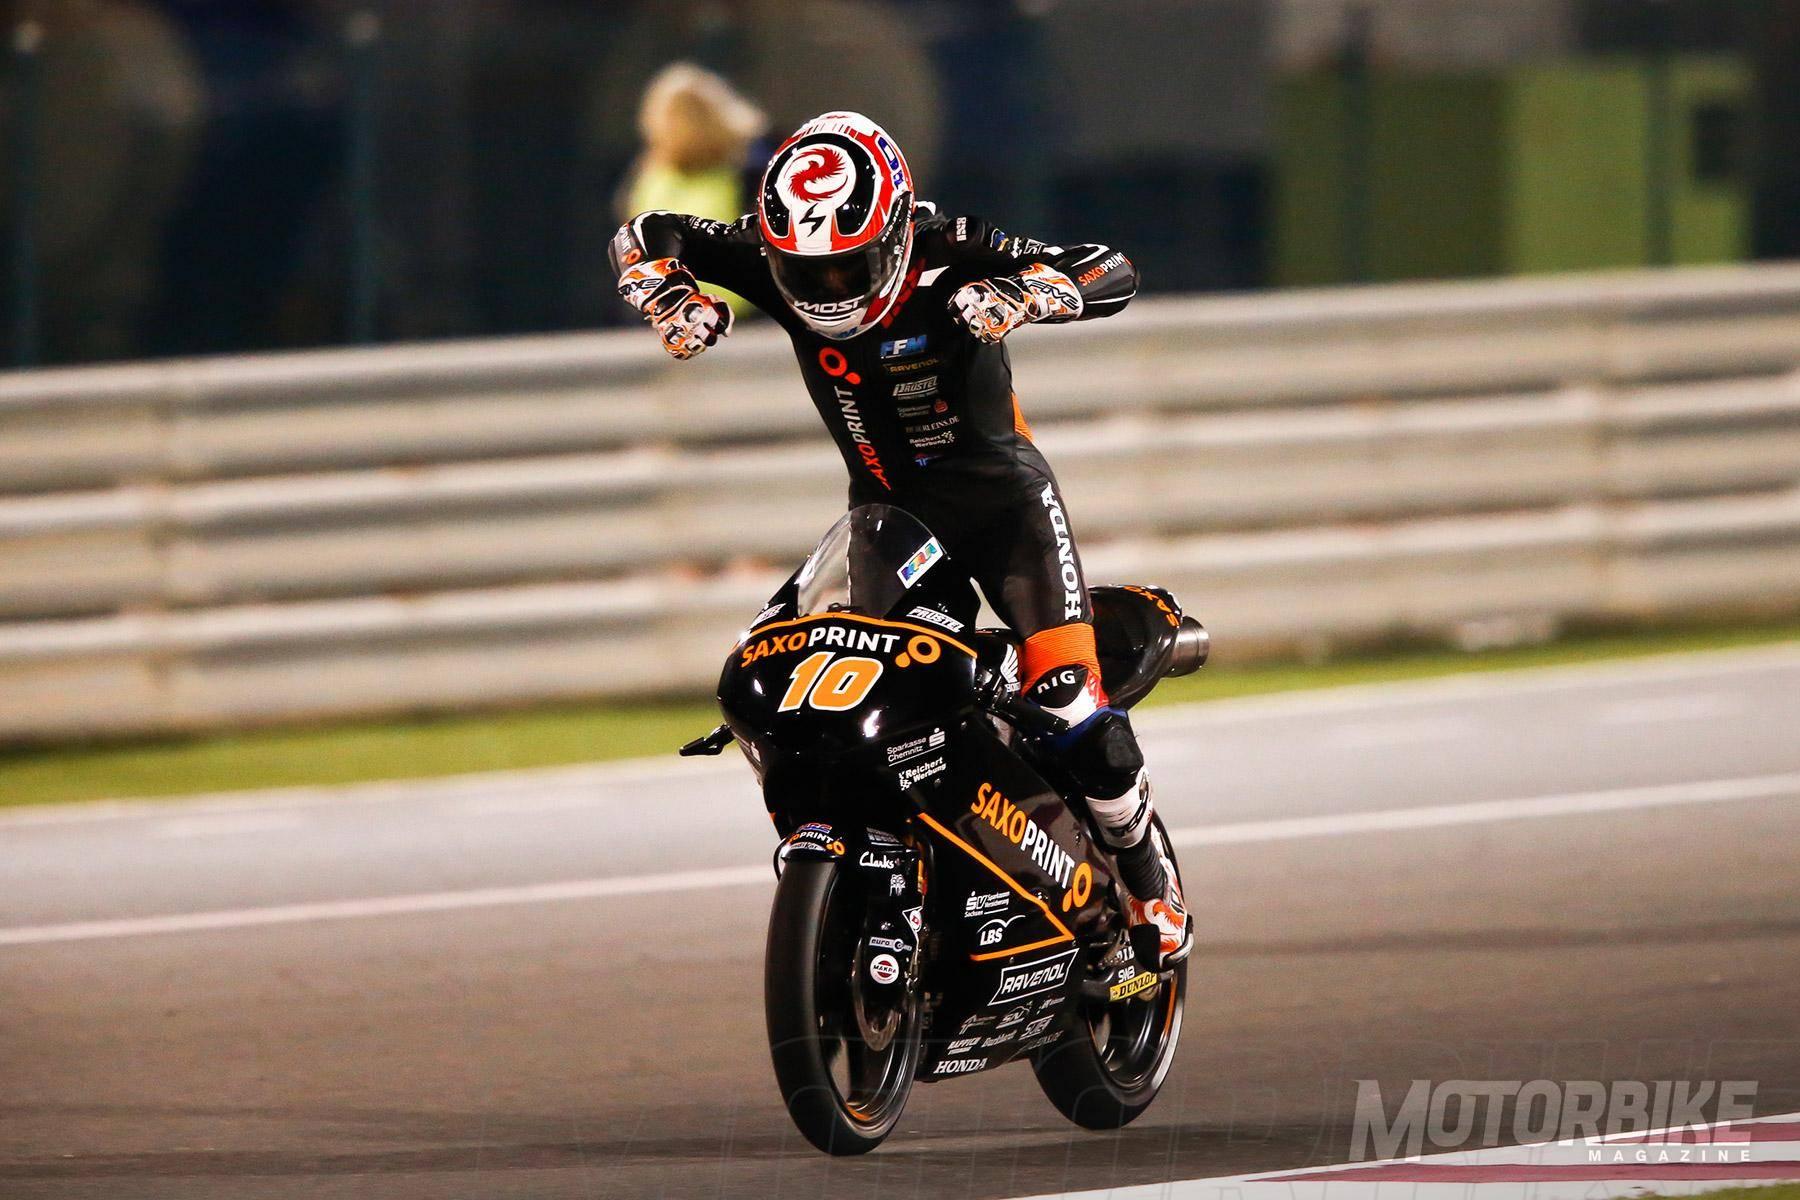 Moto3 Qatar 2015 - Motorbike Magazine